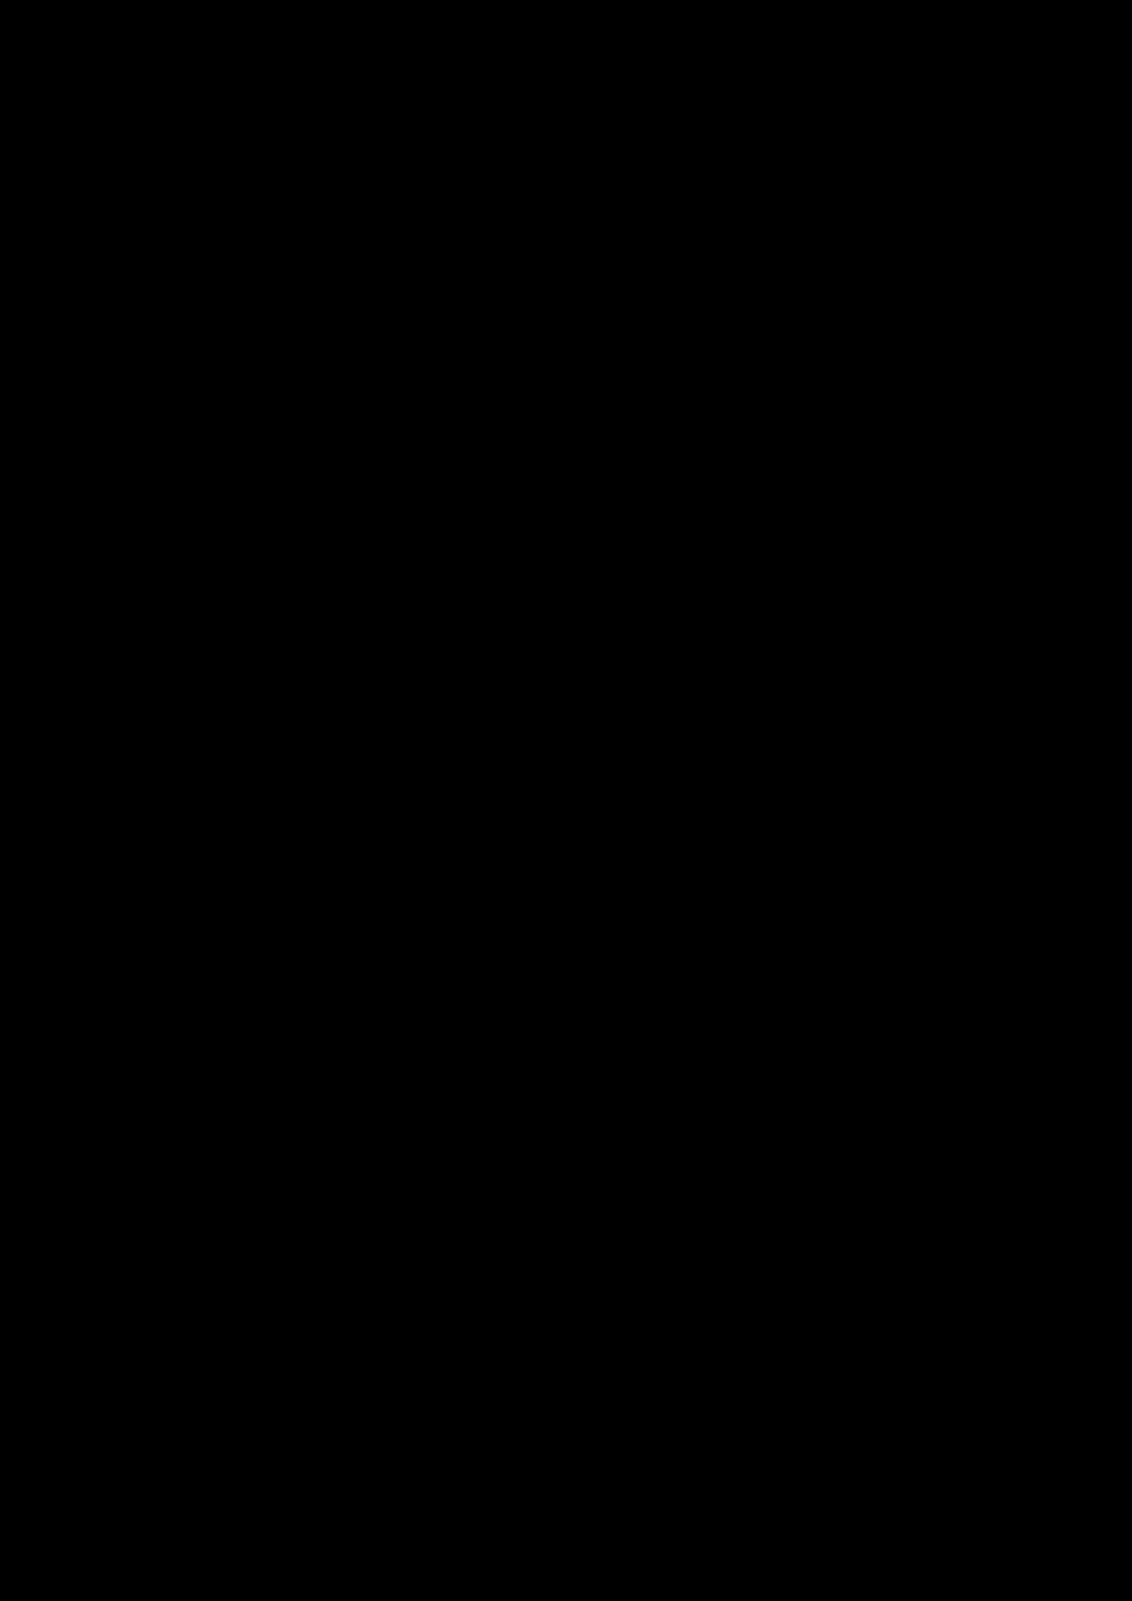 Za milyih dam slide, Image 58